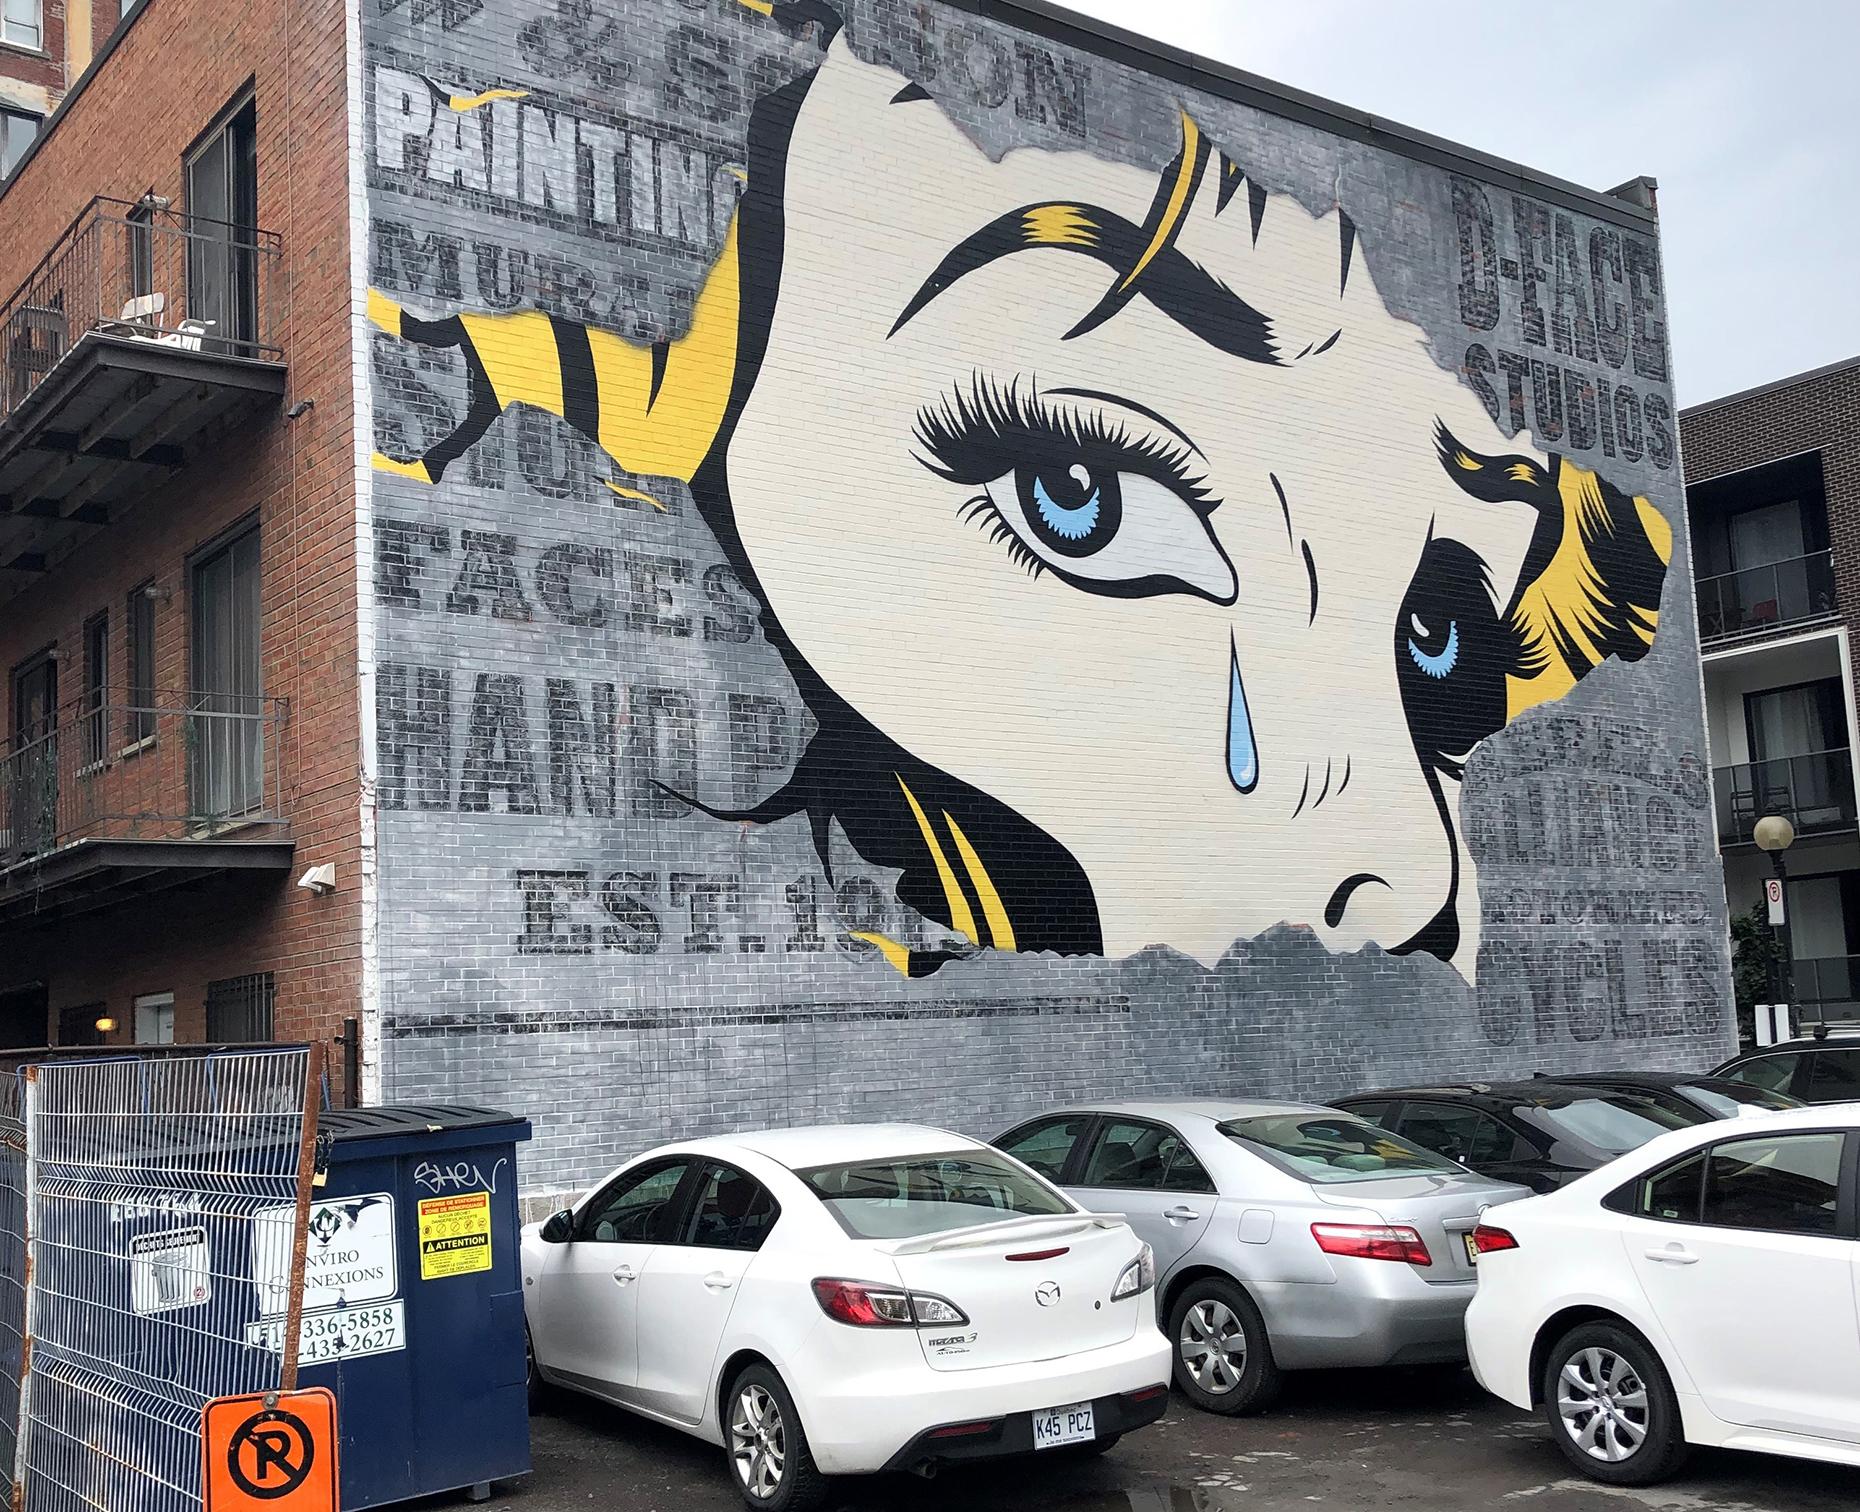 Street art in the Plateau